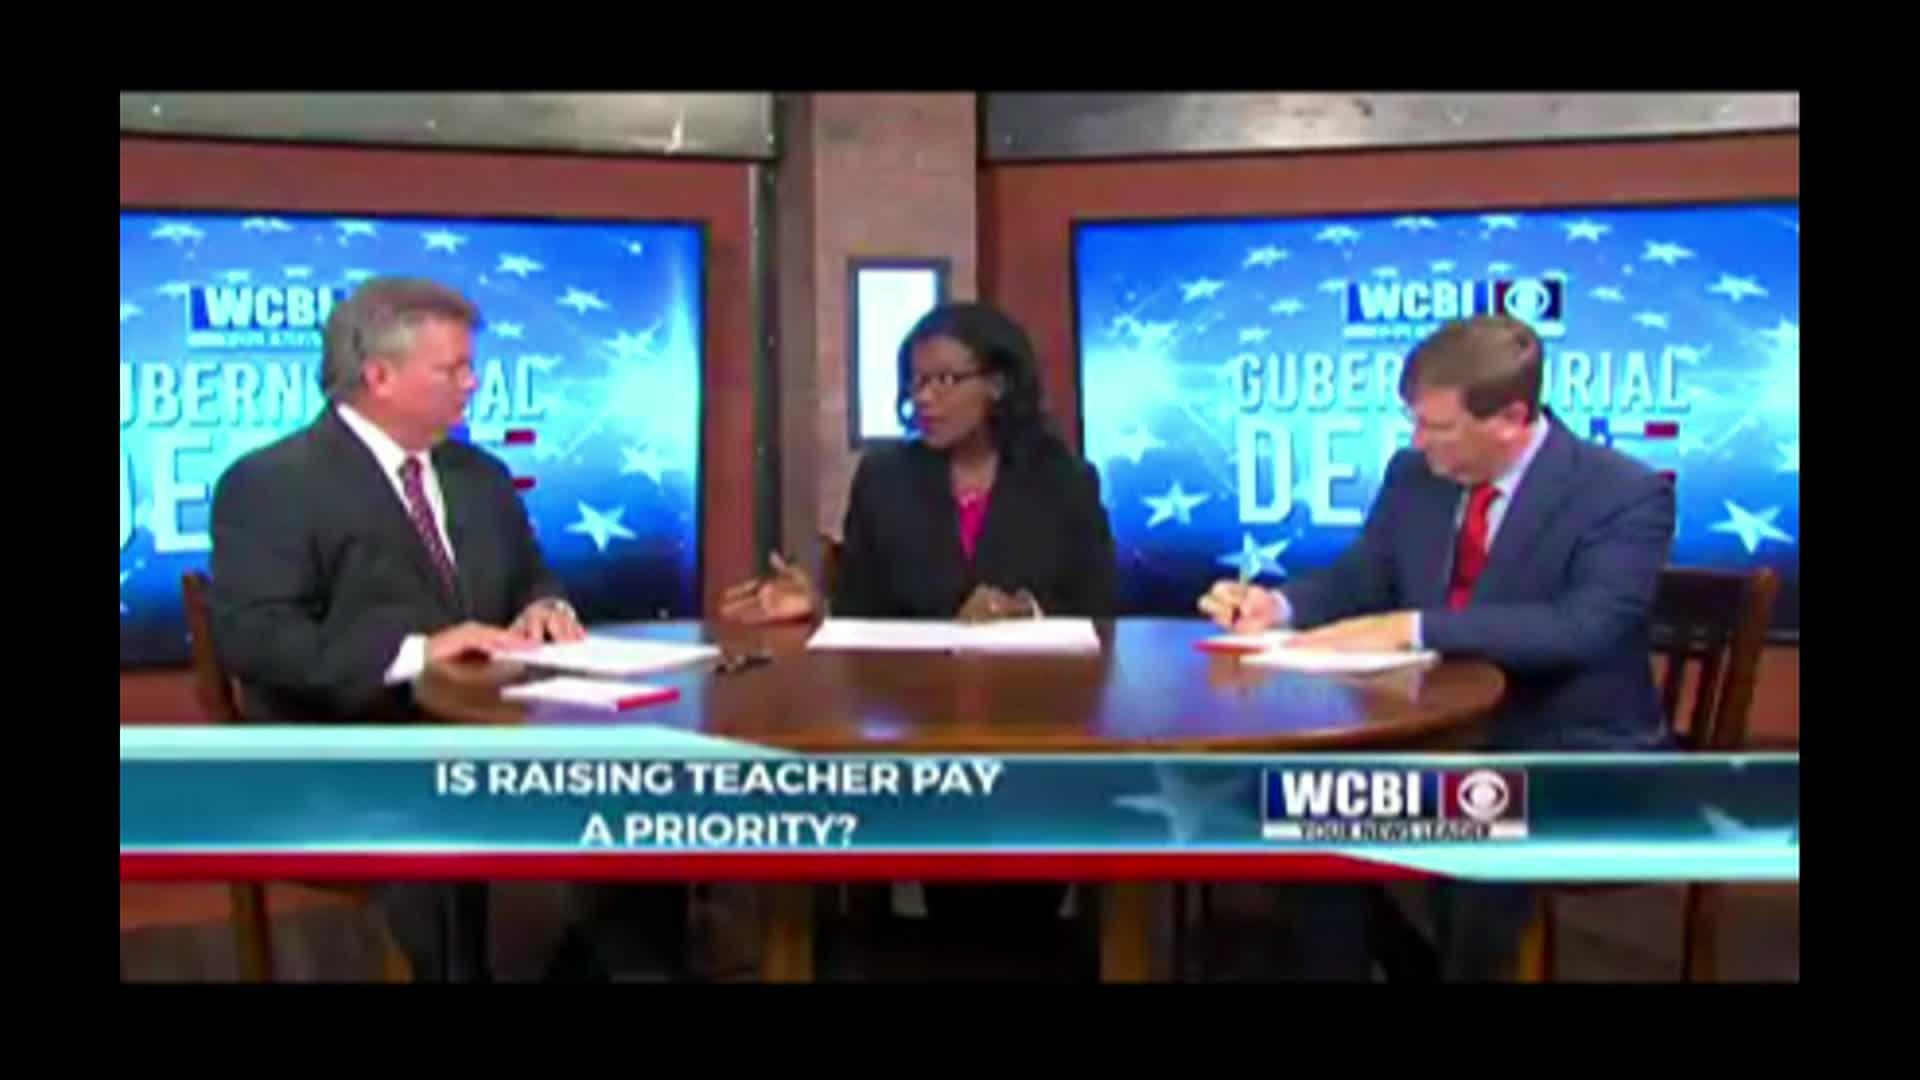 2nd gubernatorial debate